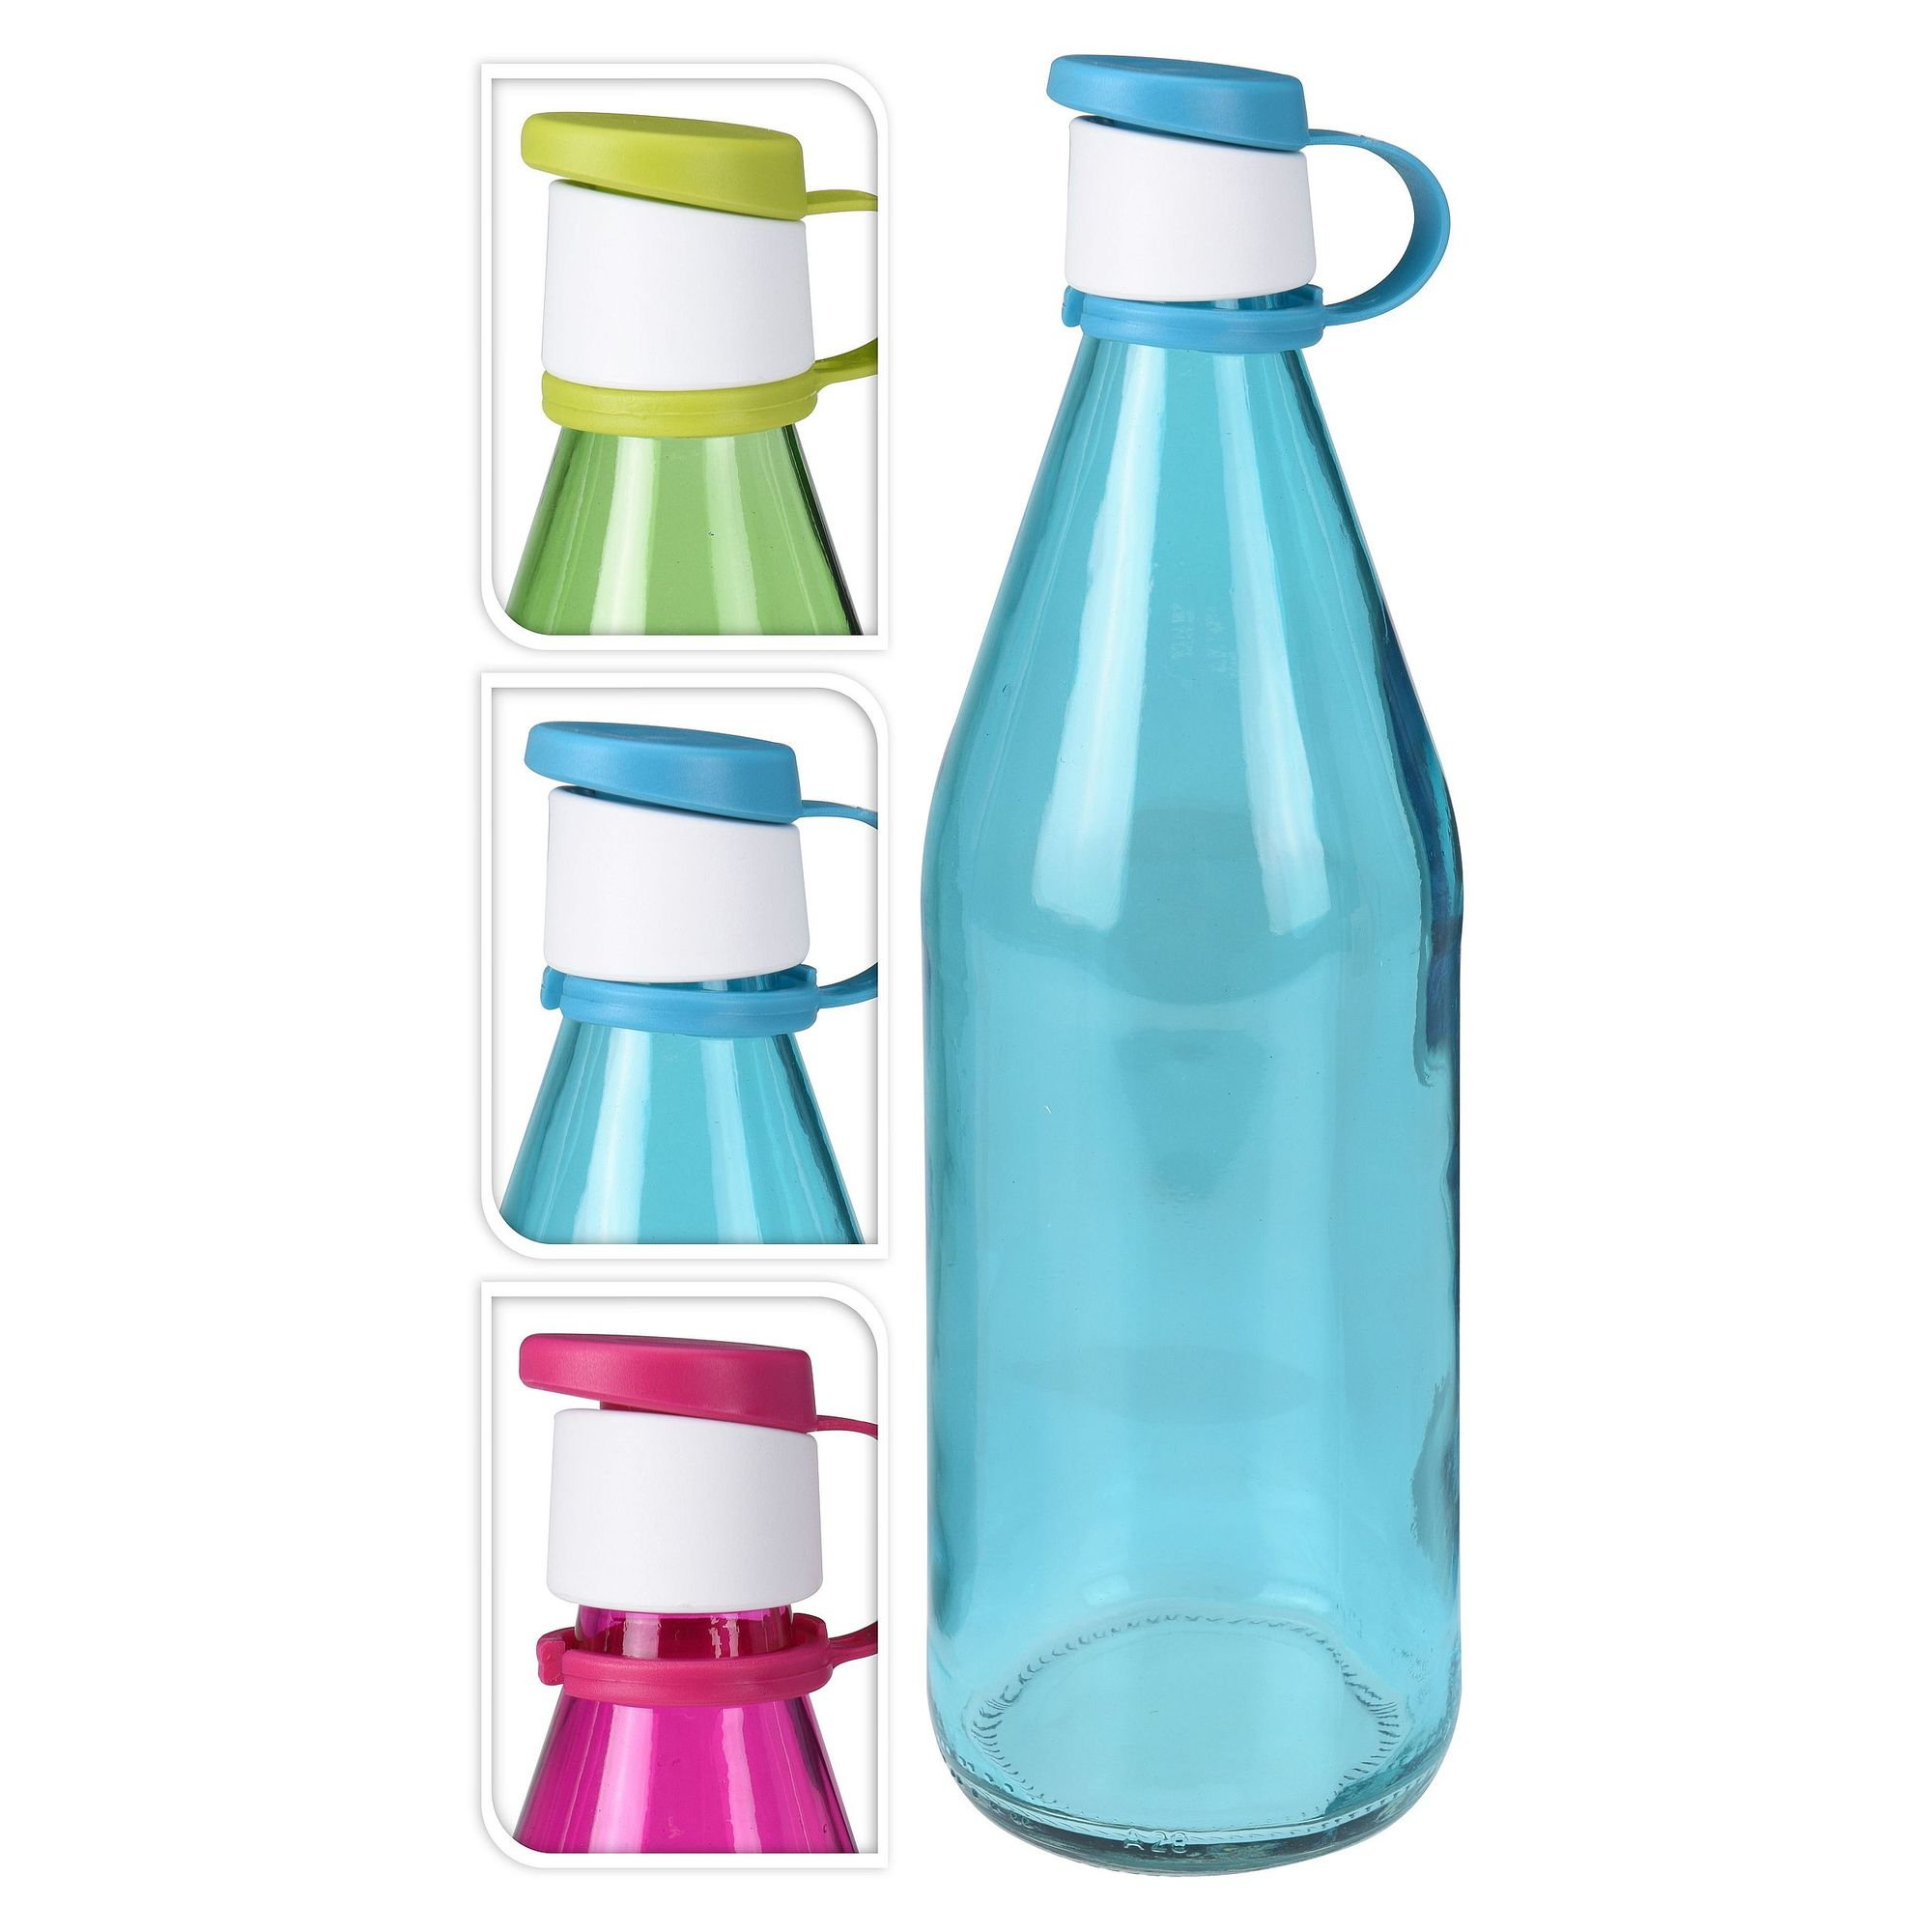 Бутылка 1 л цвет в ассортиментеСтеклянная бутылка, выполненная из прочного стекла, необходима любой хозяйке. Эргономичная форма изделия обеспечивает надежный захват и устойчивость. Изделие оснащено герметичной пластиковой крышкой, что дает возможность хранить продукты в холодильнике. Специальный клапан откидывающейся крышки полностью исключает разлив жидкости. Бутылка имеет достаточно широкое горлышко, что облегчает процесс мытья. Прозрачное светло-зеленое стекло позволяет видеть продукт в емкости. Бутылку можно использовать для транспортировки и хранения любых жидкостей. Изделие можно мыть вручную теплой водой или в посудомоечной машине.<br>